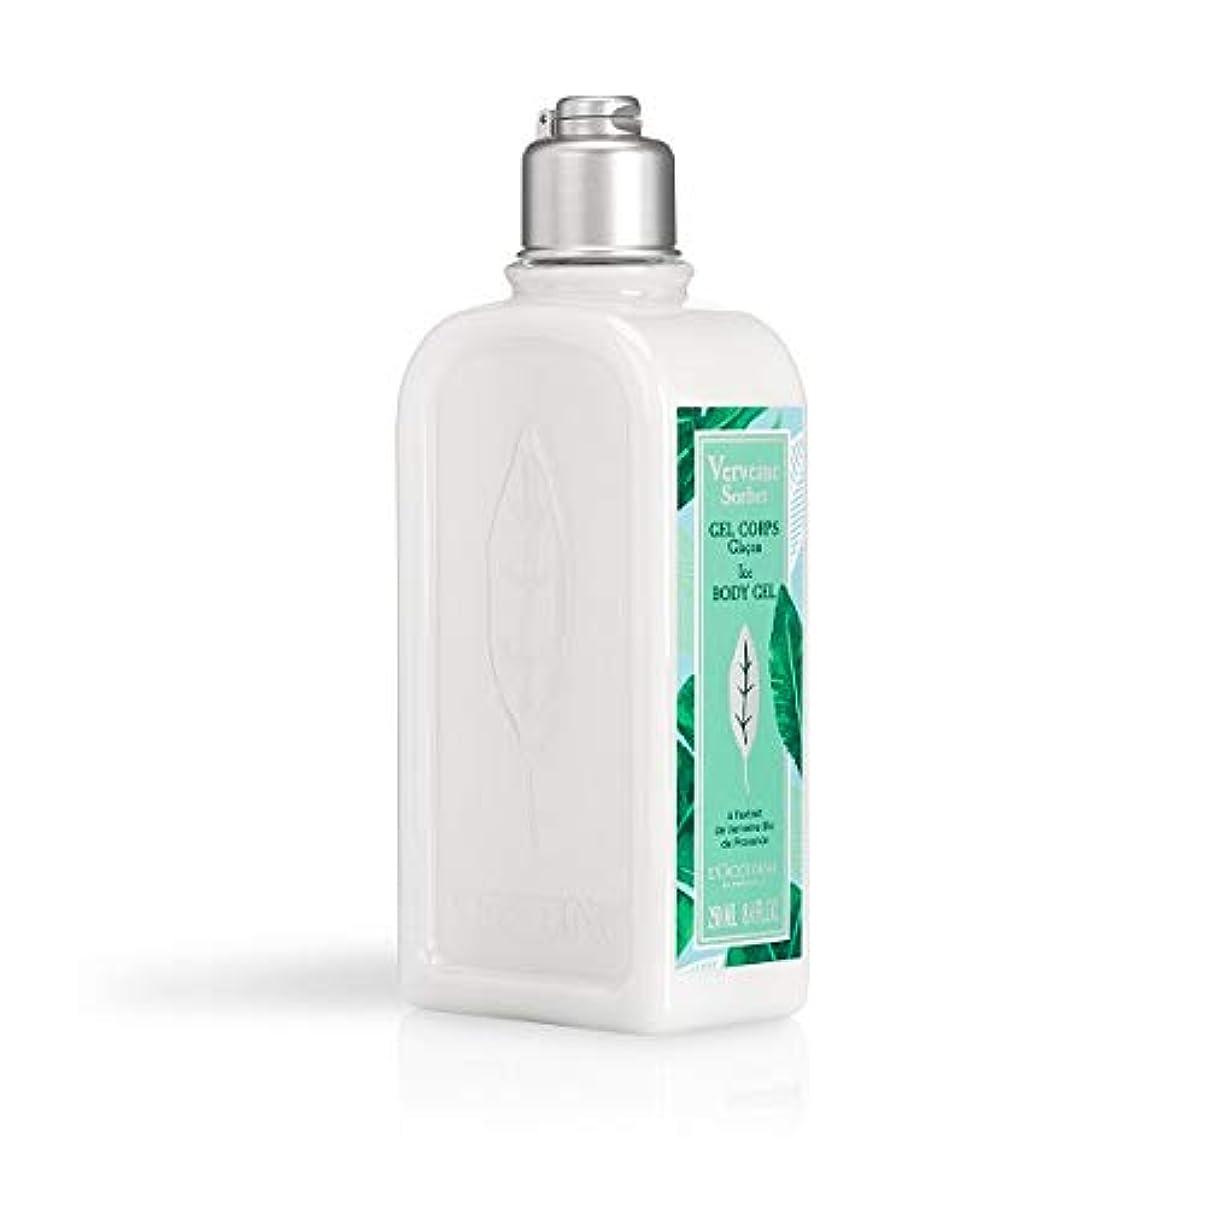 多年生条件付きタイマーロクシタン(L'OCCITANE) ミントウ゛ァーベナ ソルベボディジェル 250ml(ボディ用乳液)